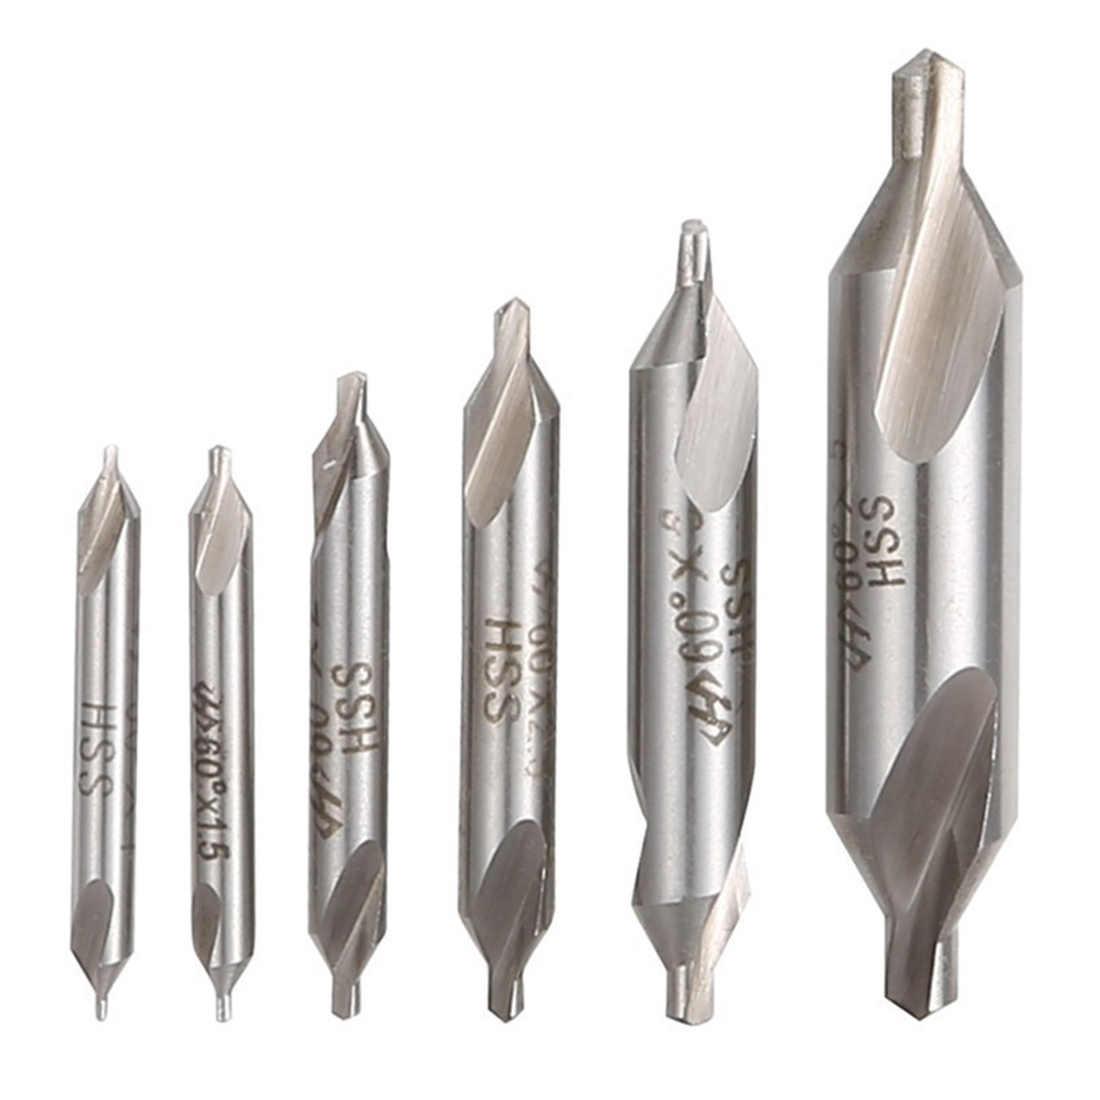 Forets centraux combinés 60 degrés fraise ensemble de forets pour outils électriques 1pc 1mm /2mm /3mm /5mm HSS